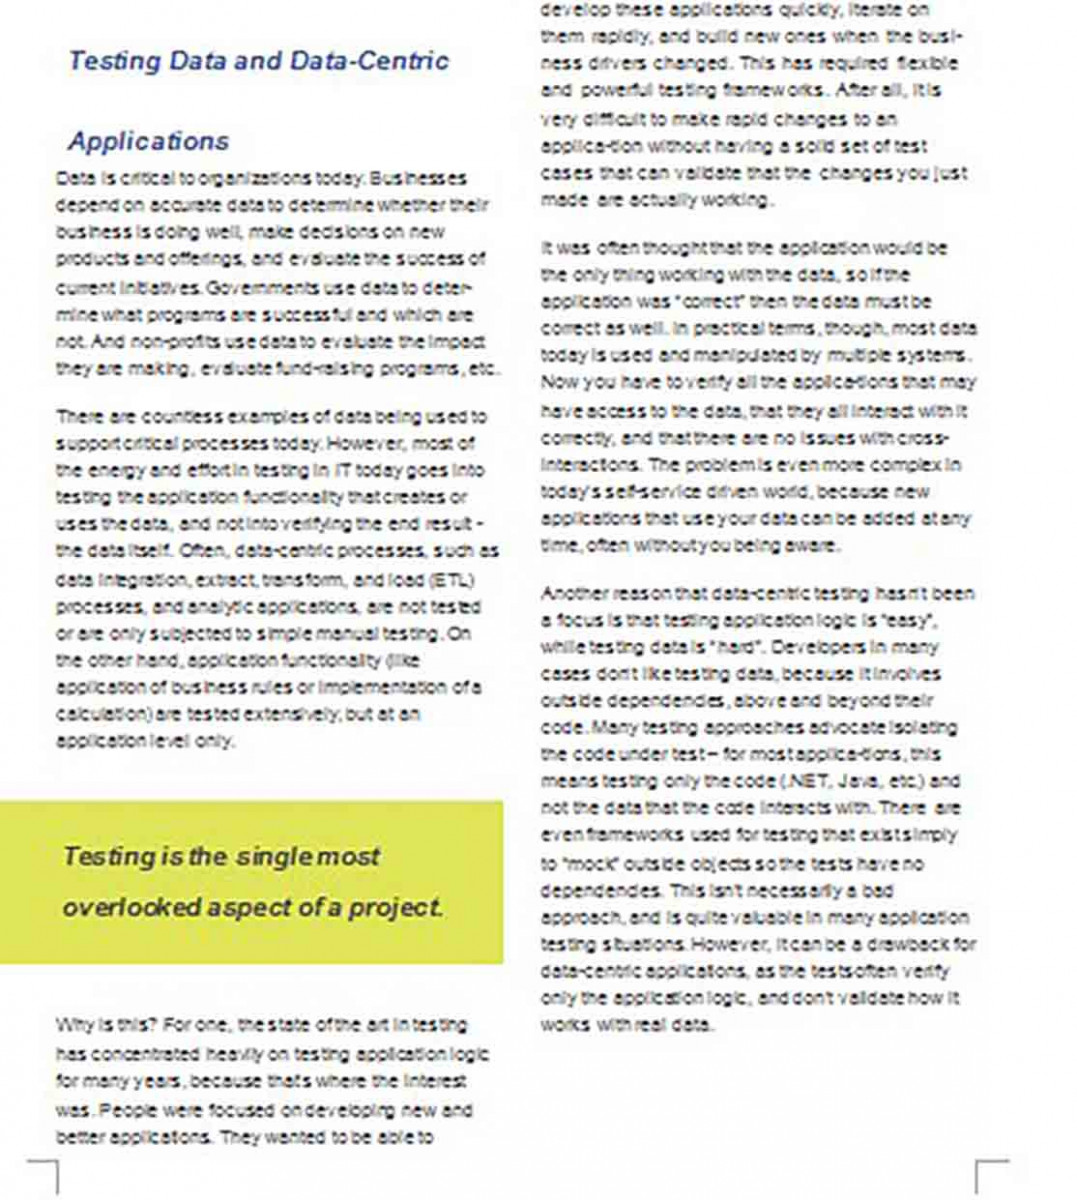 White Paper for Data Testing